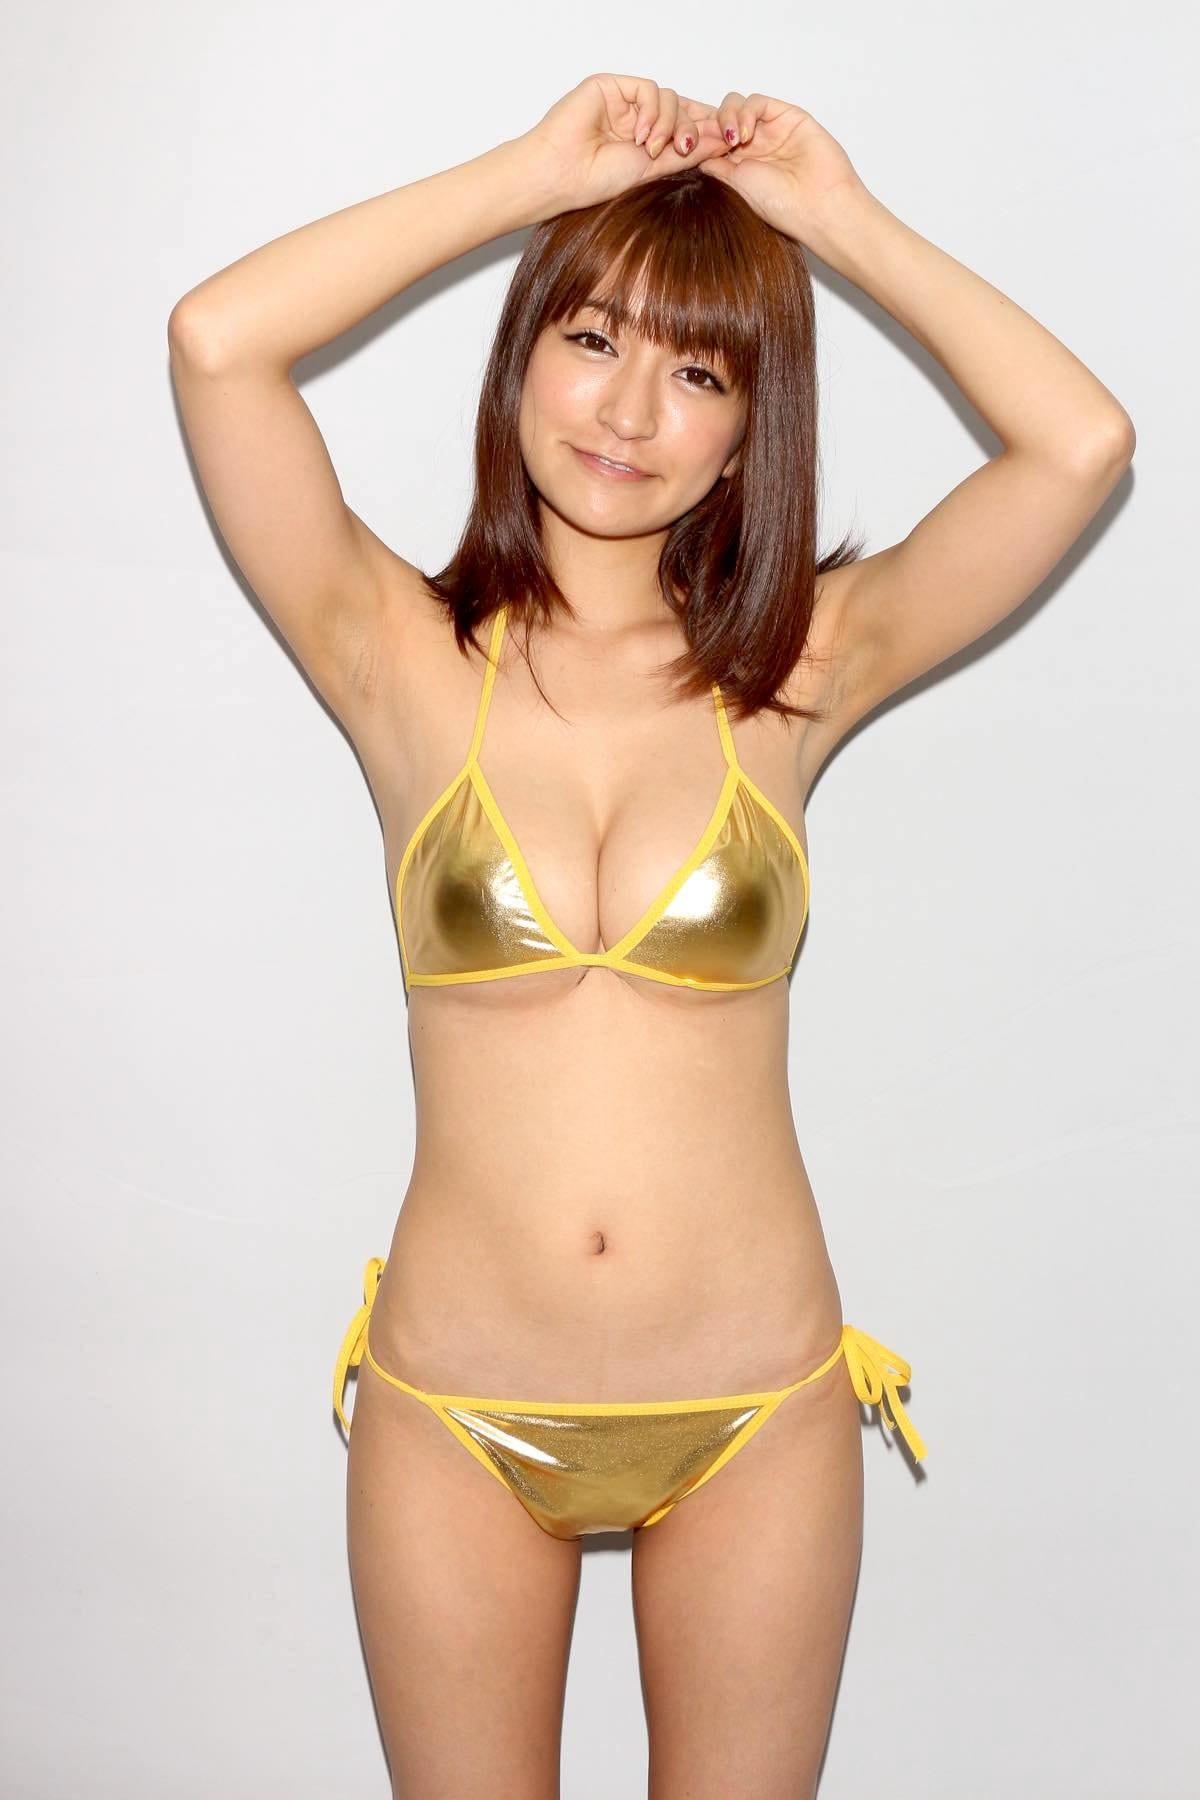 ☆HOSHINO「色気がダダ漏れ」衝撃的セクシーさで攻める!【写真25枚】の画像011